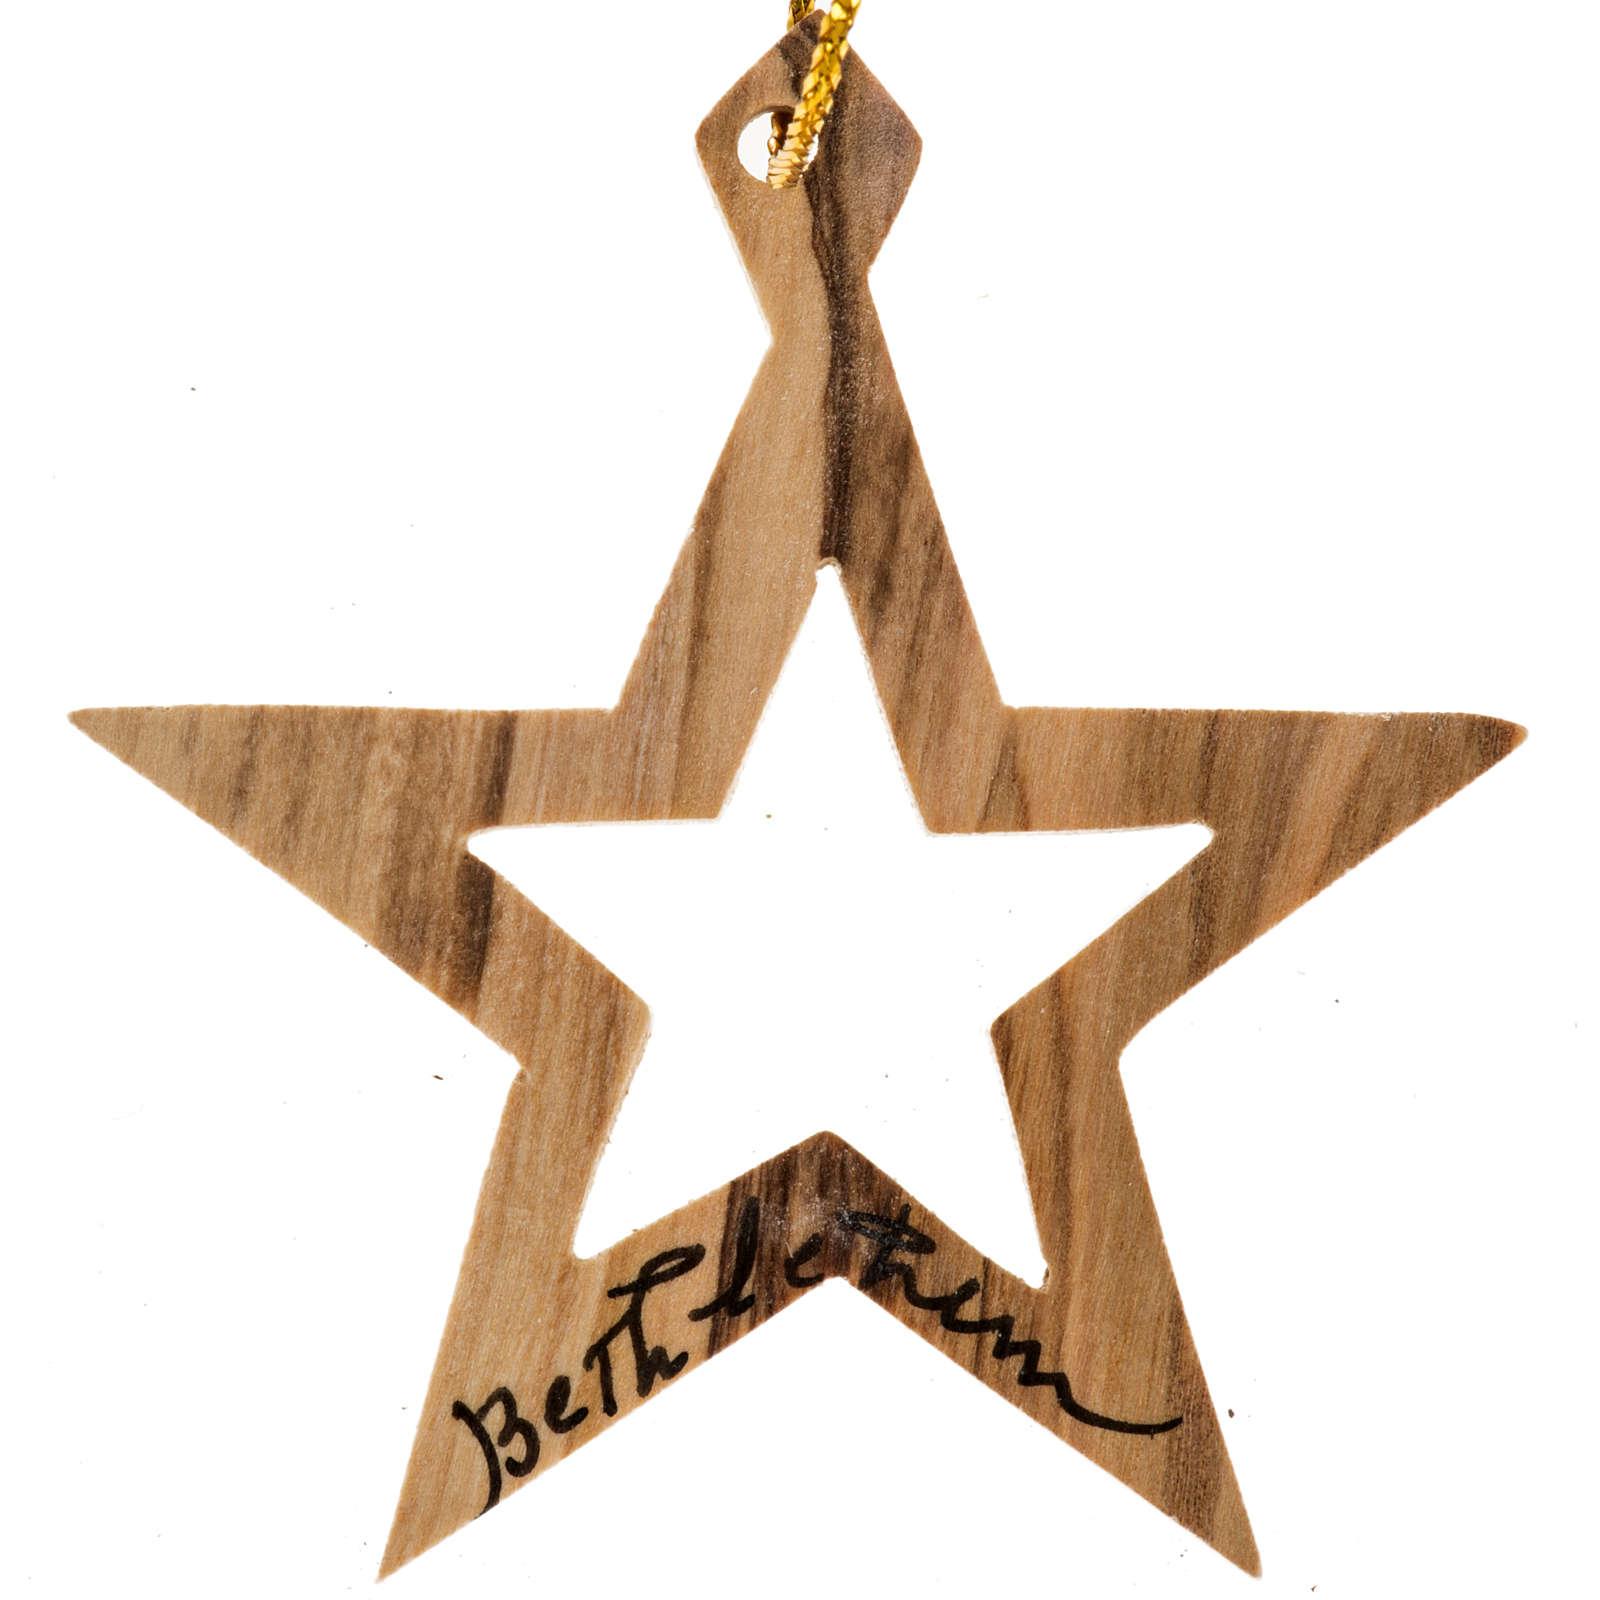 Addobbo albero legno ulivo Betlemme stella 4